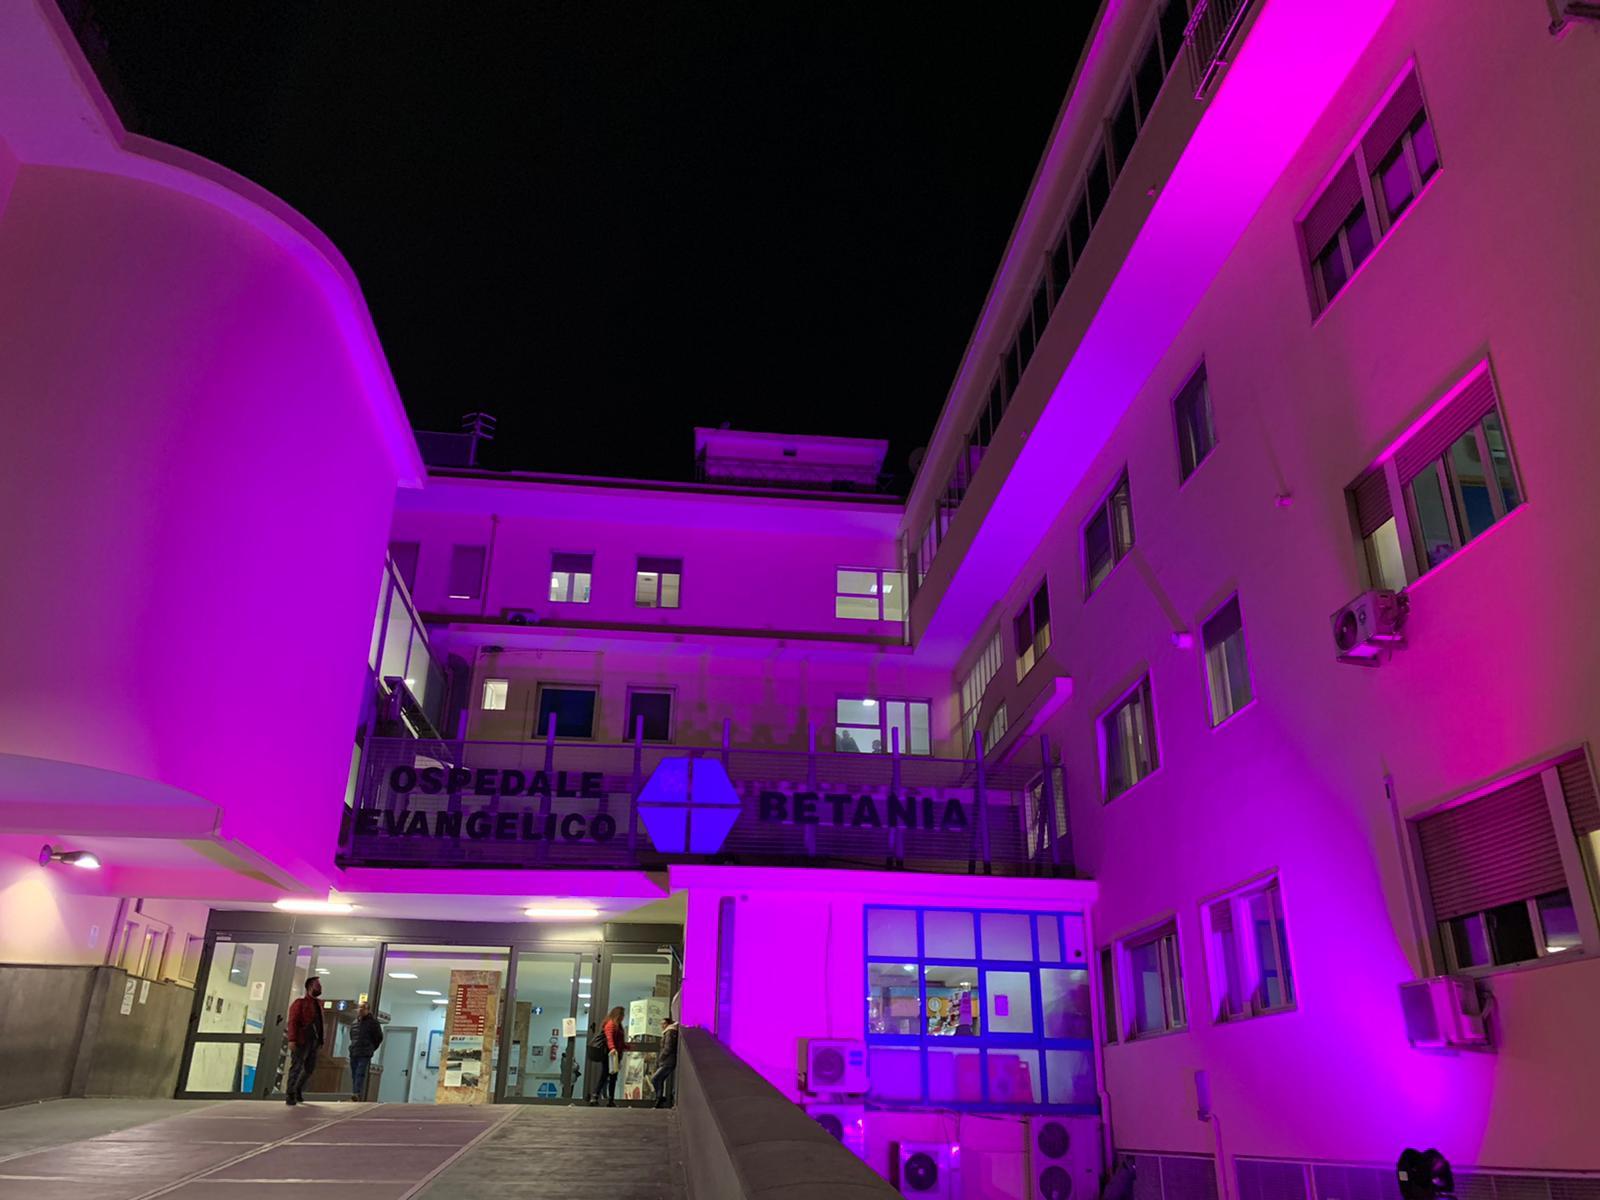 L'Ospedale illuminato di viola per la Giornata mondiale della prematurità